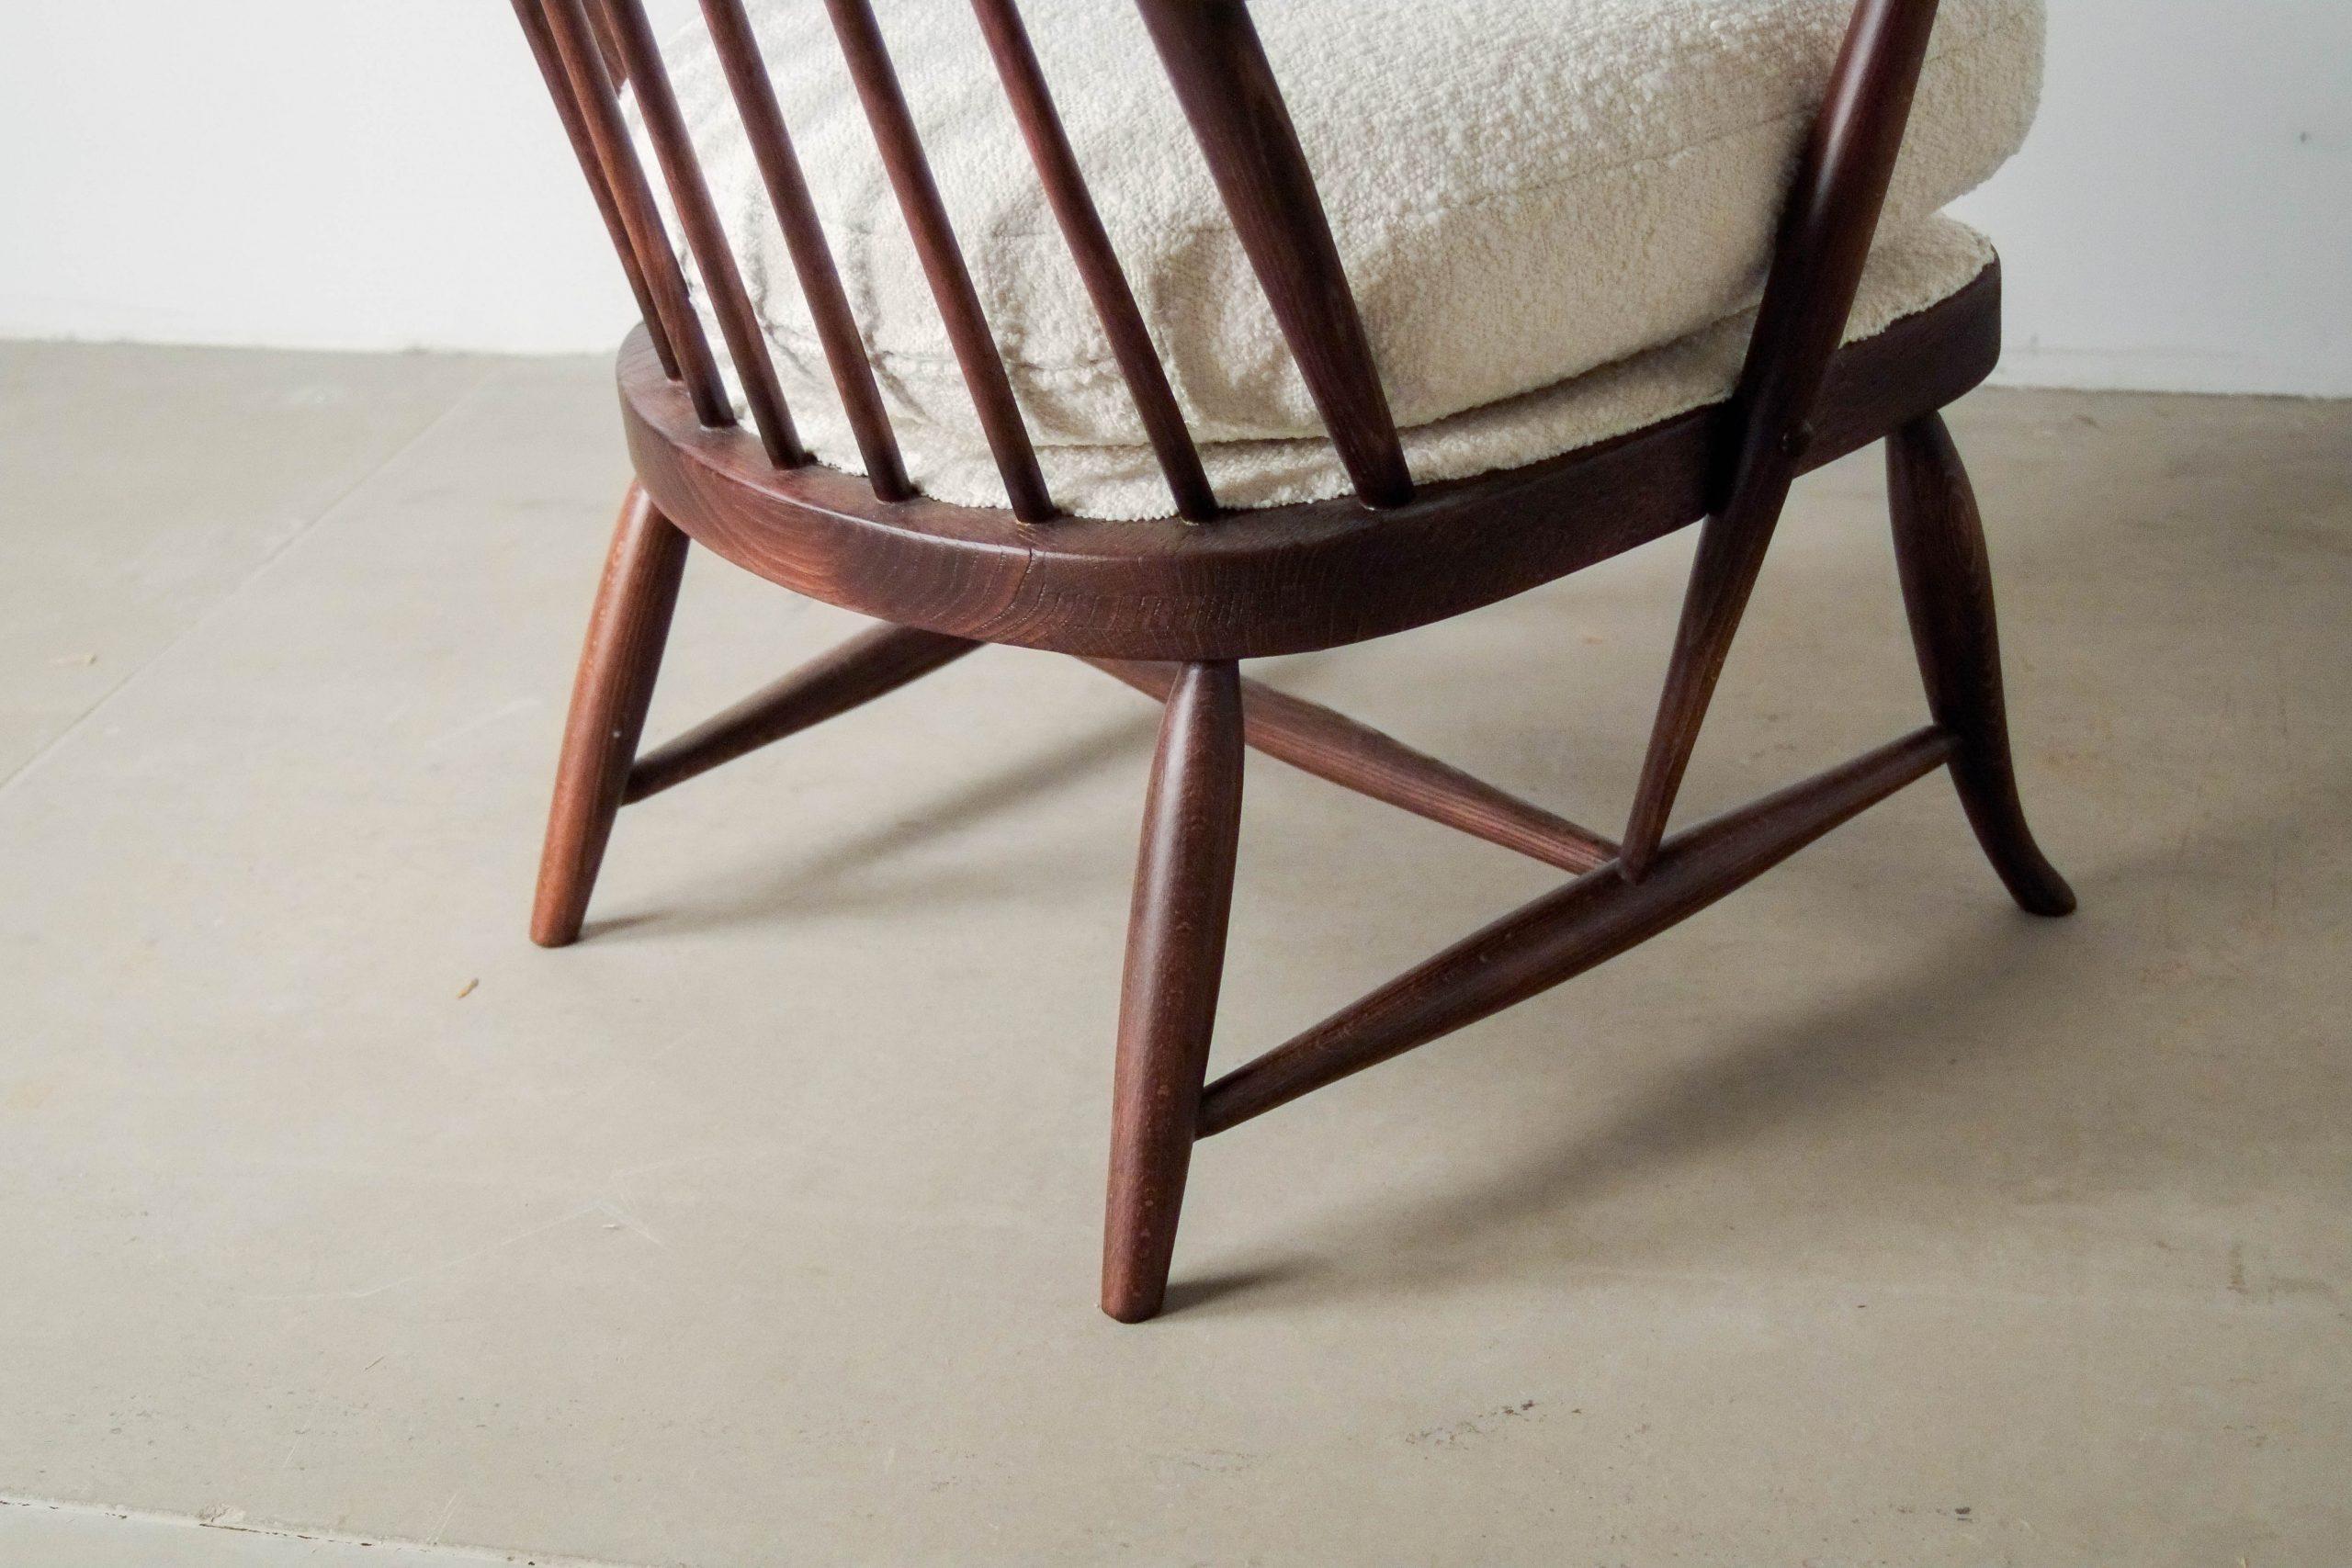 butaca comoda de diseño de calidad hecha a mano de madera maciza